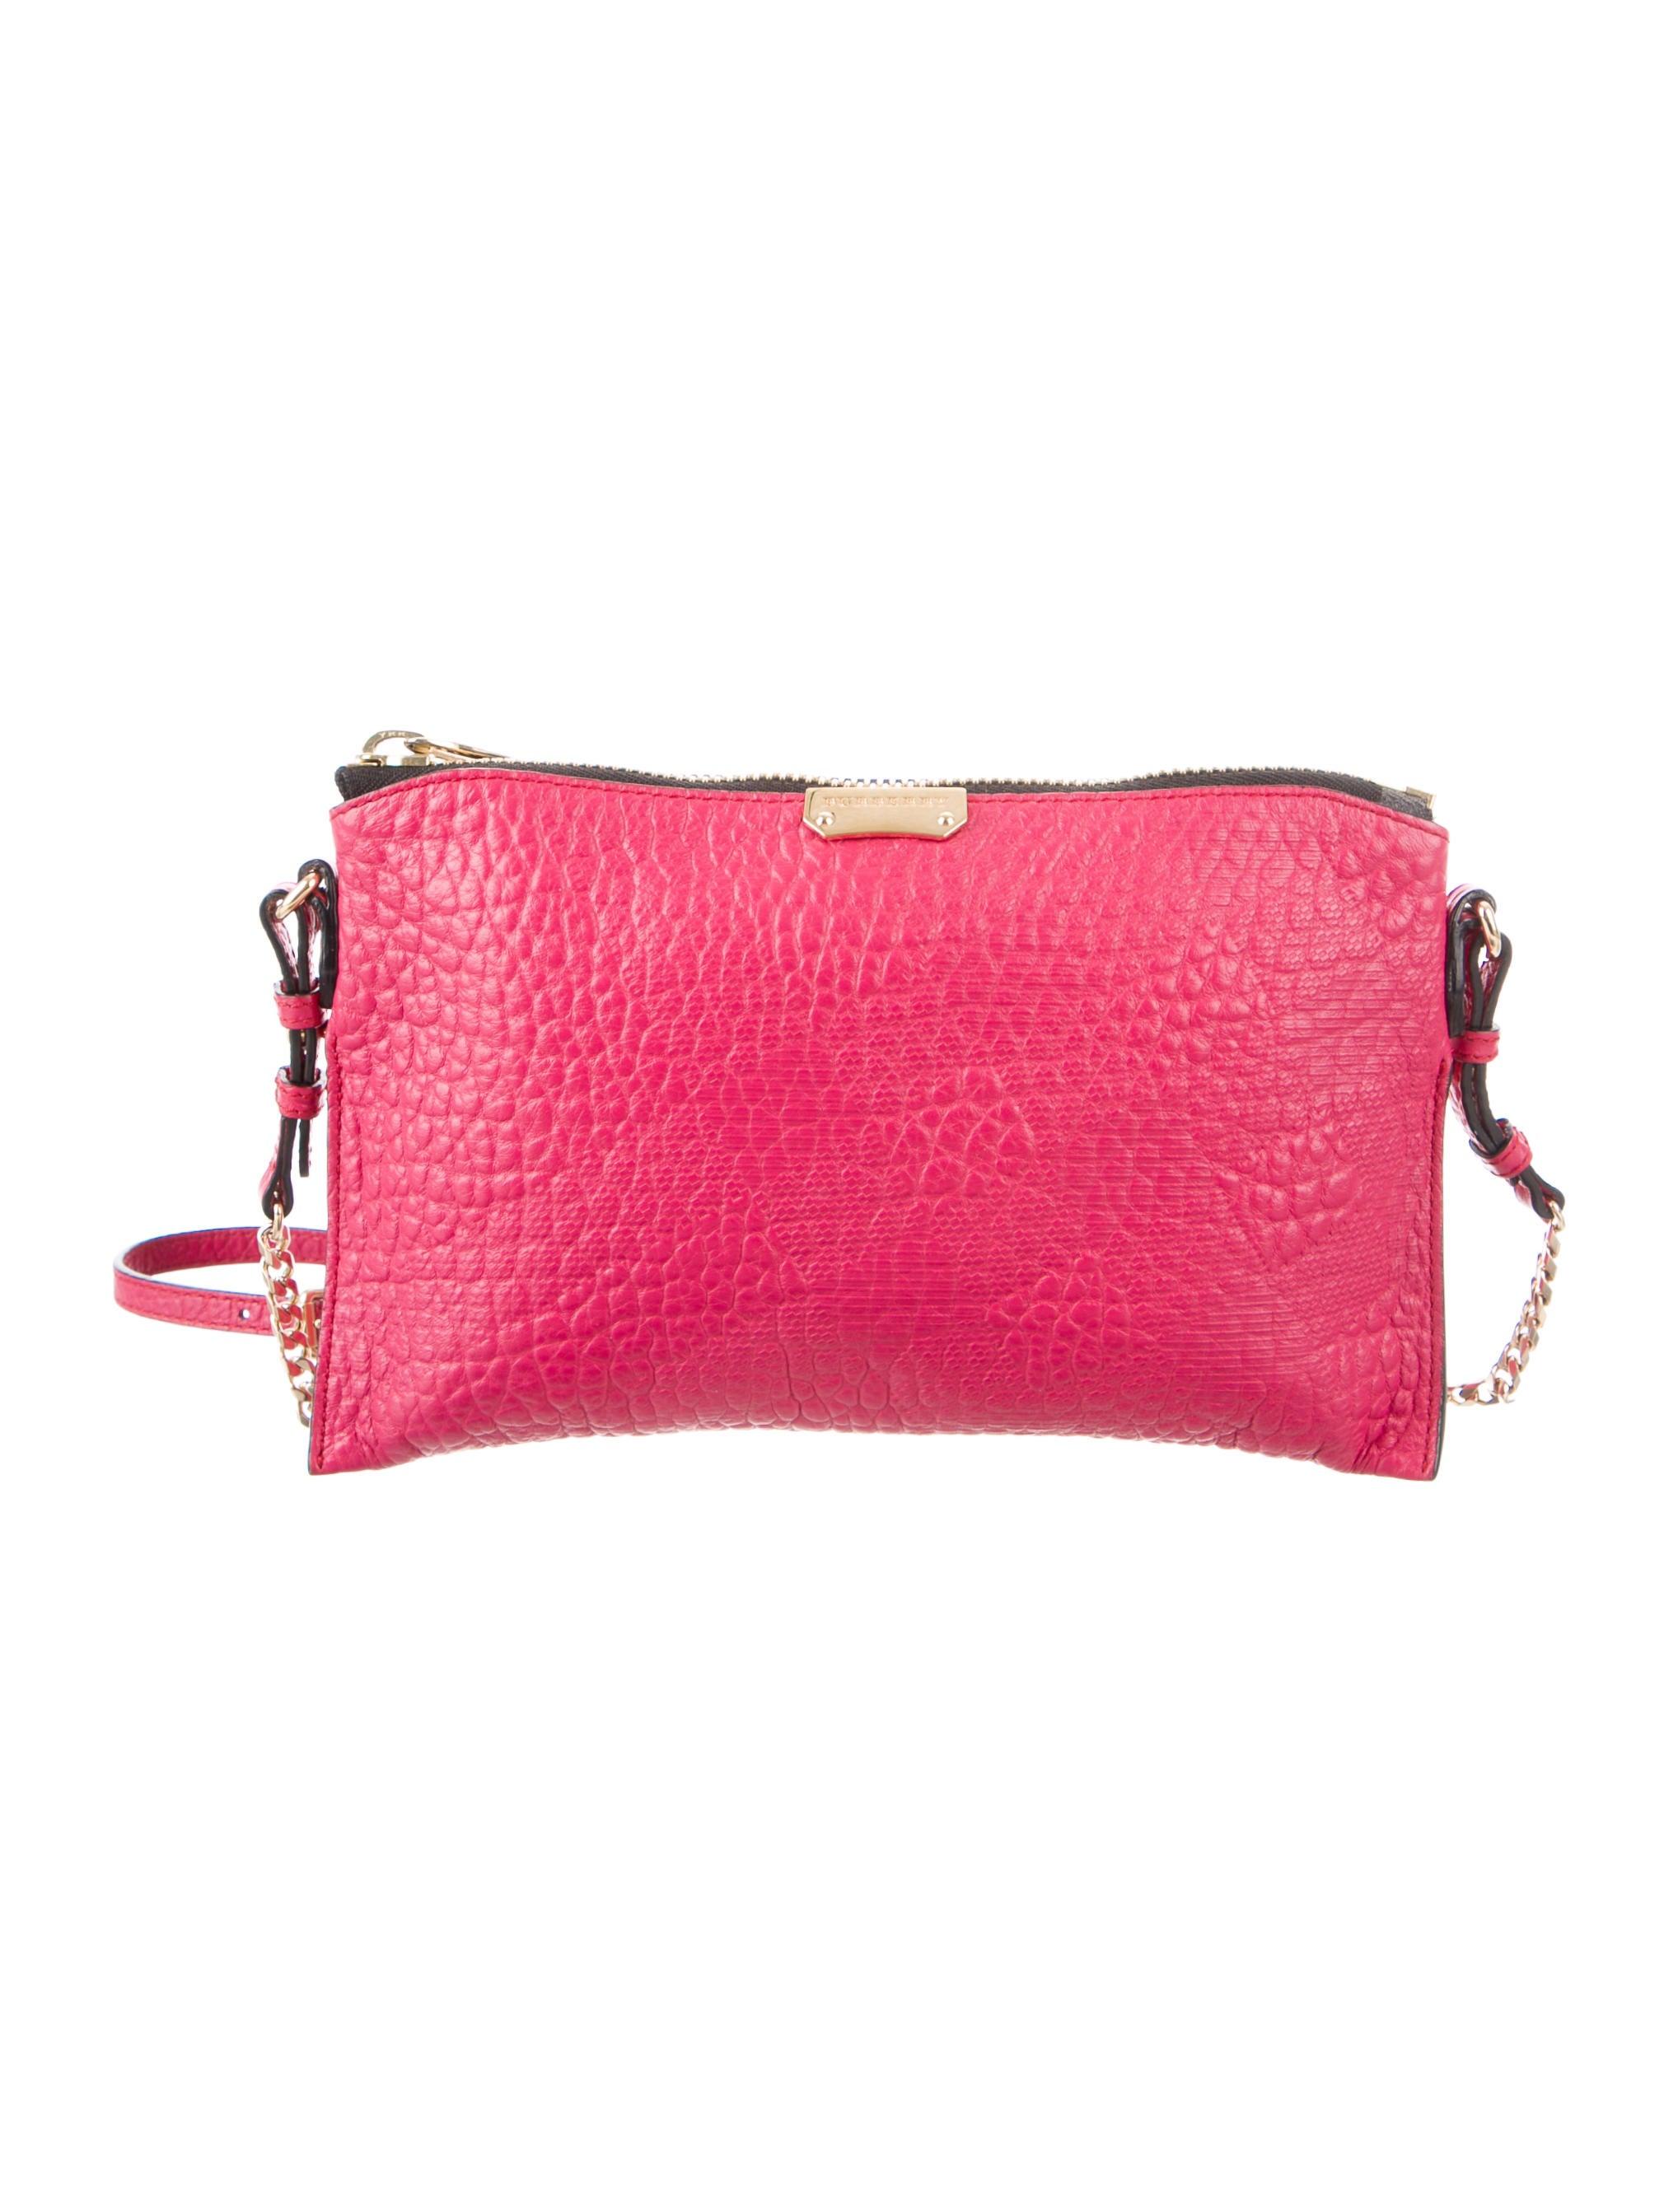 Burberry Embossed Peyton Bag - Handbags - BUR83199   The RealReal 851db35492